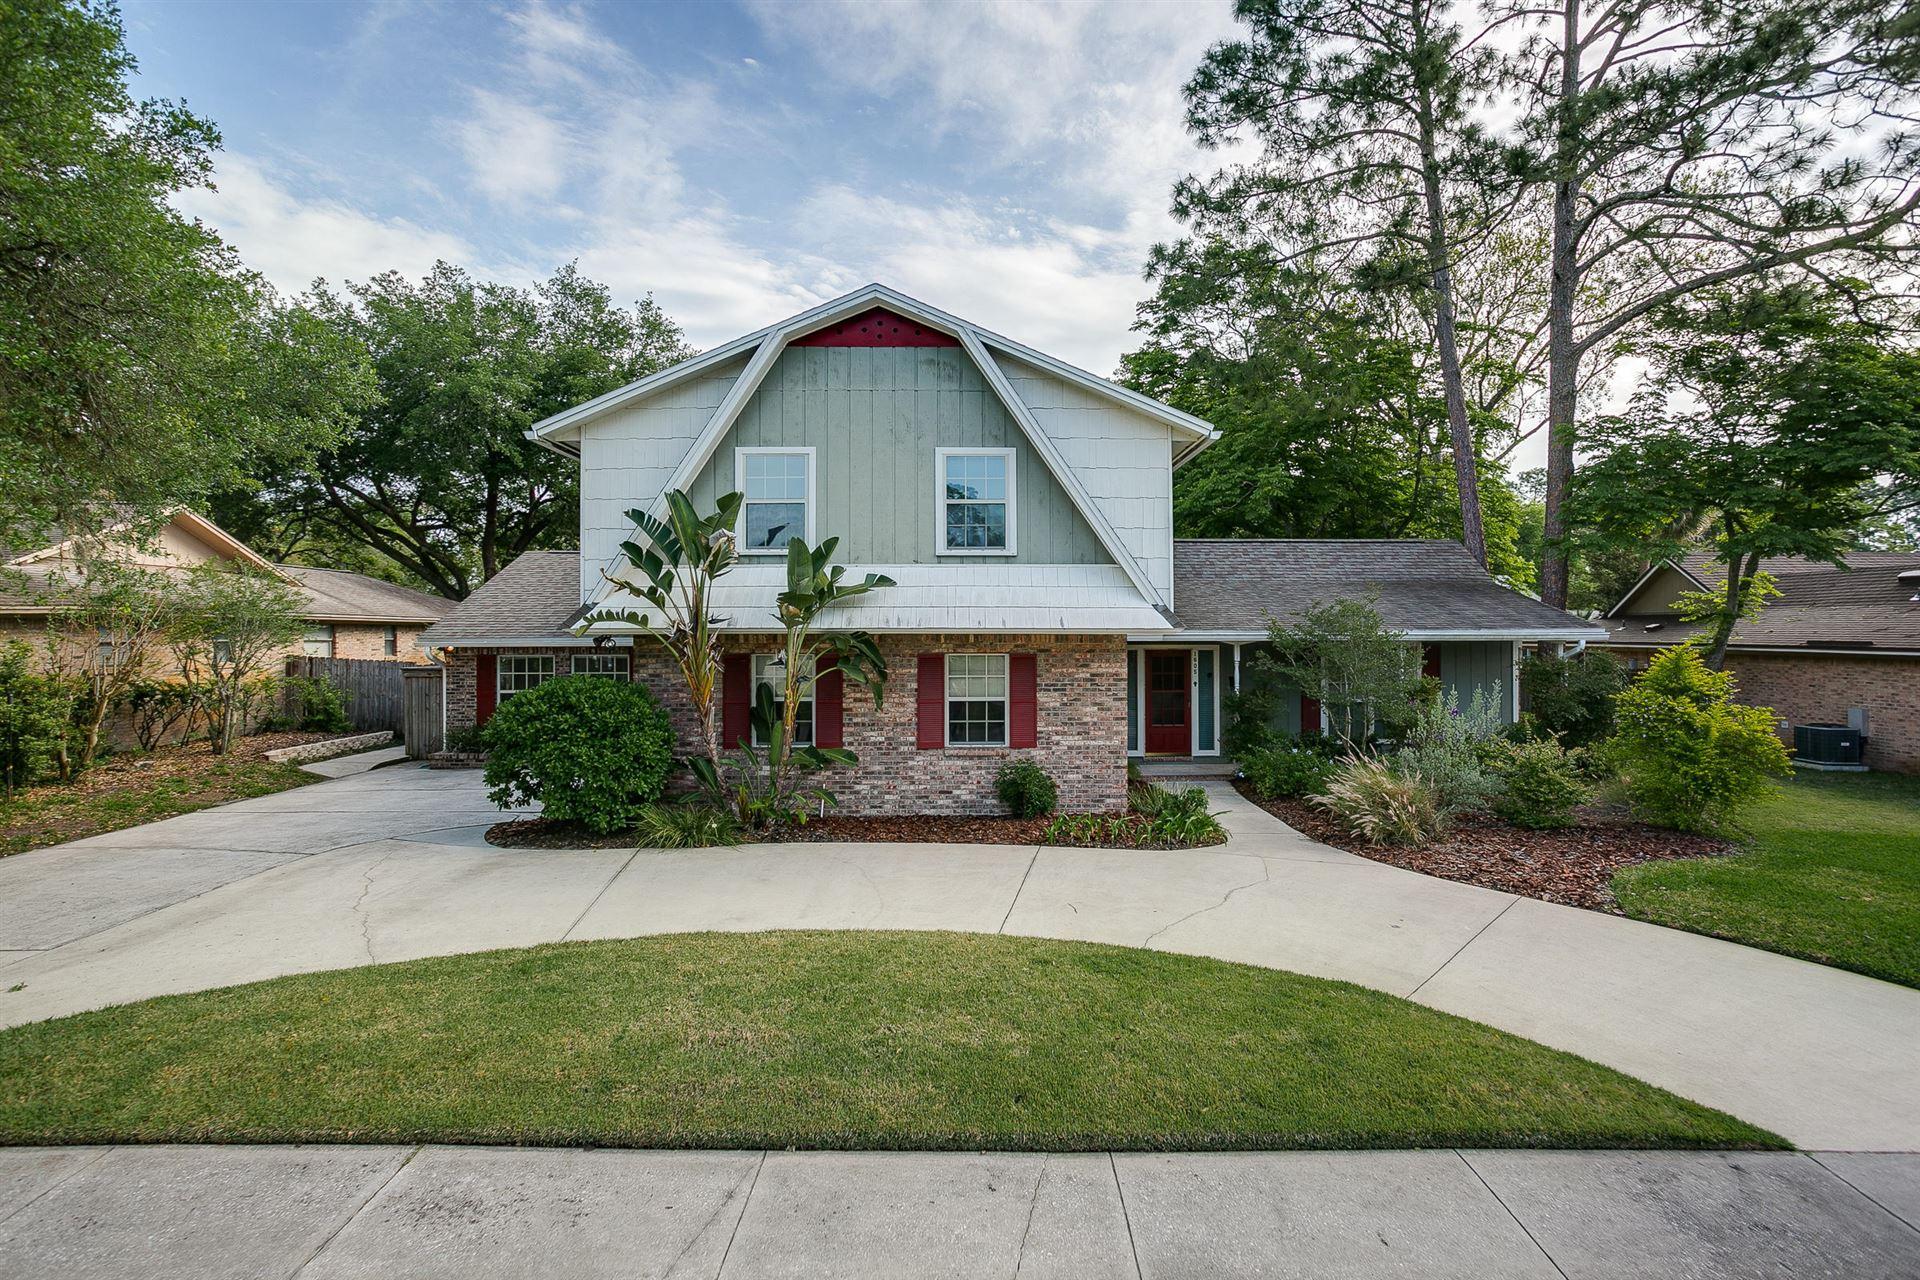 1605 VILLAGE WAY, Orange Park, FL 32073 - MLS#: 1104427